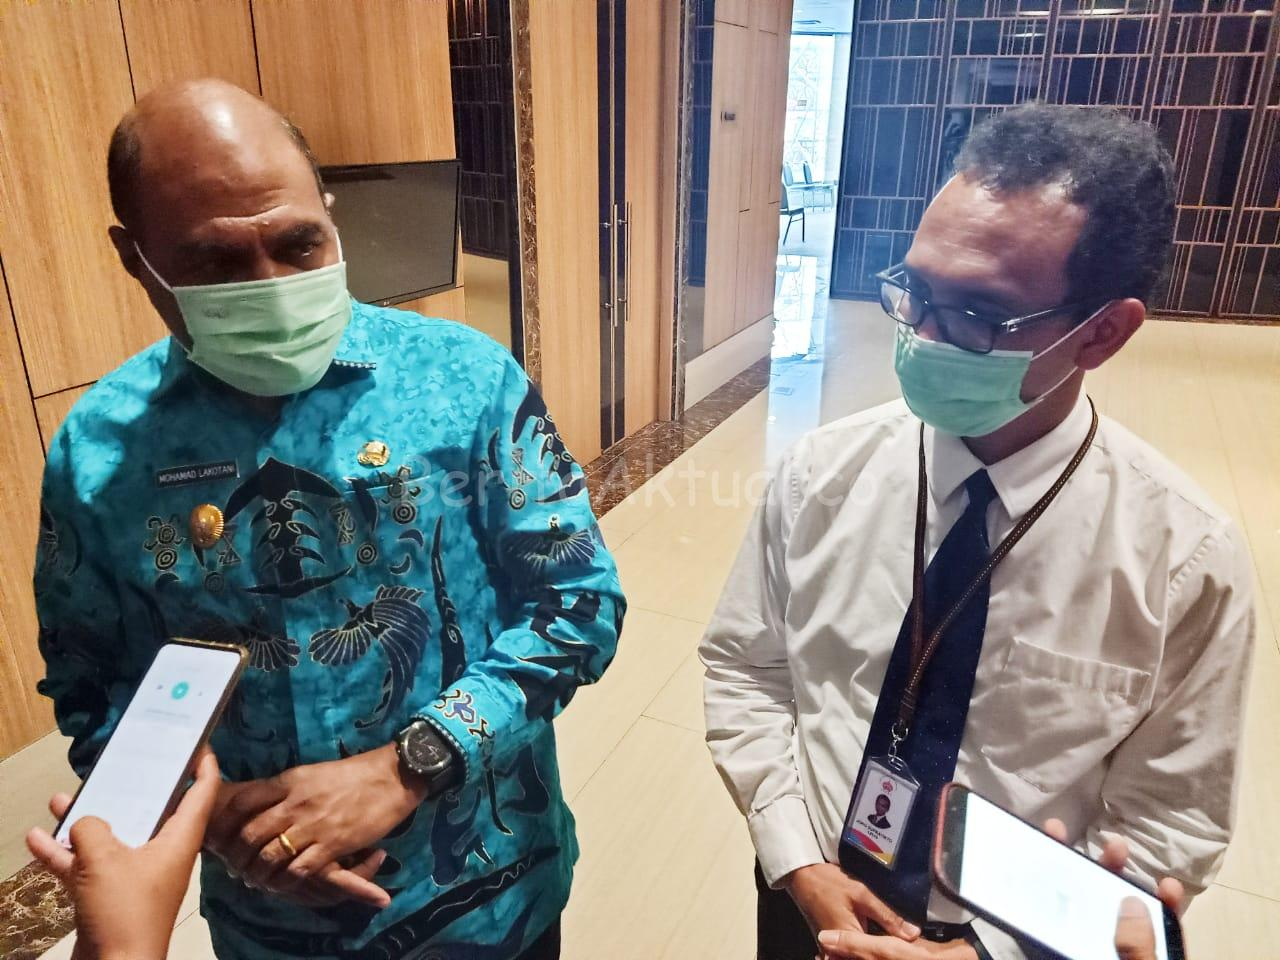 Wagub PB: Kita di Papua Barat Kurang Pasokan Bawang Merah Dan Bawang Putih 15 IMG 20200625 WA0019